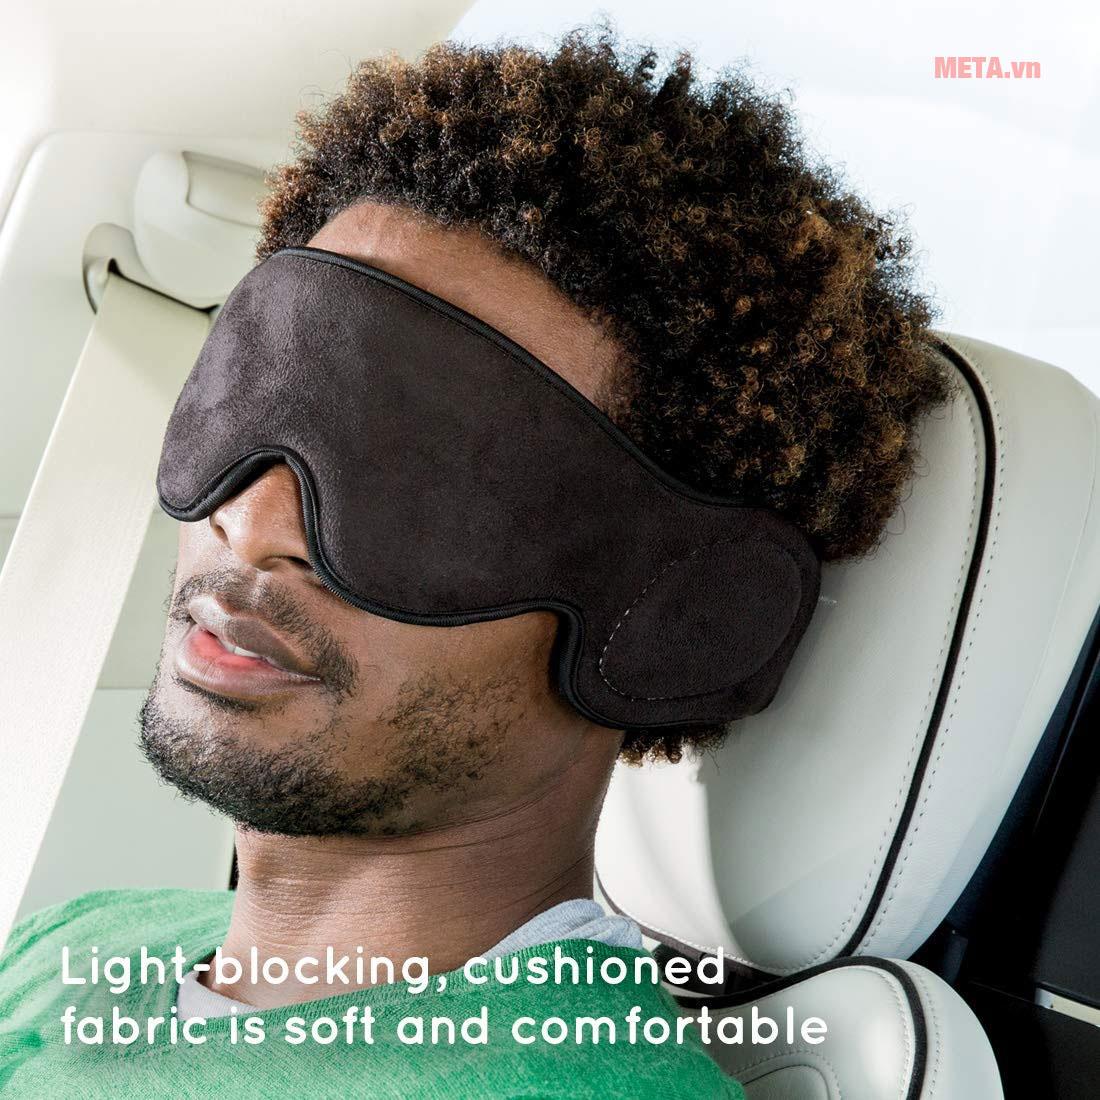 Máy massage mắt Homedics TA-MSKV100BK-EU giúp massage rung nhẹ nhàng